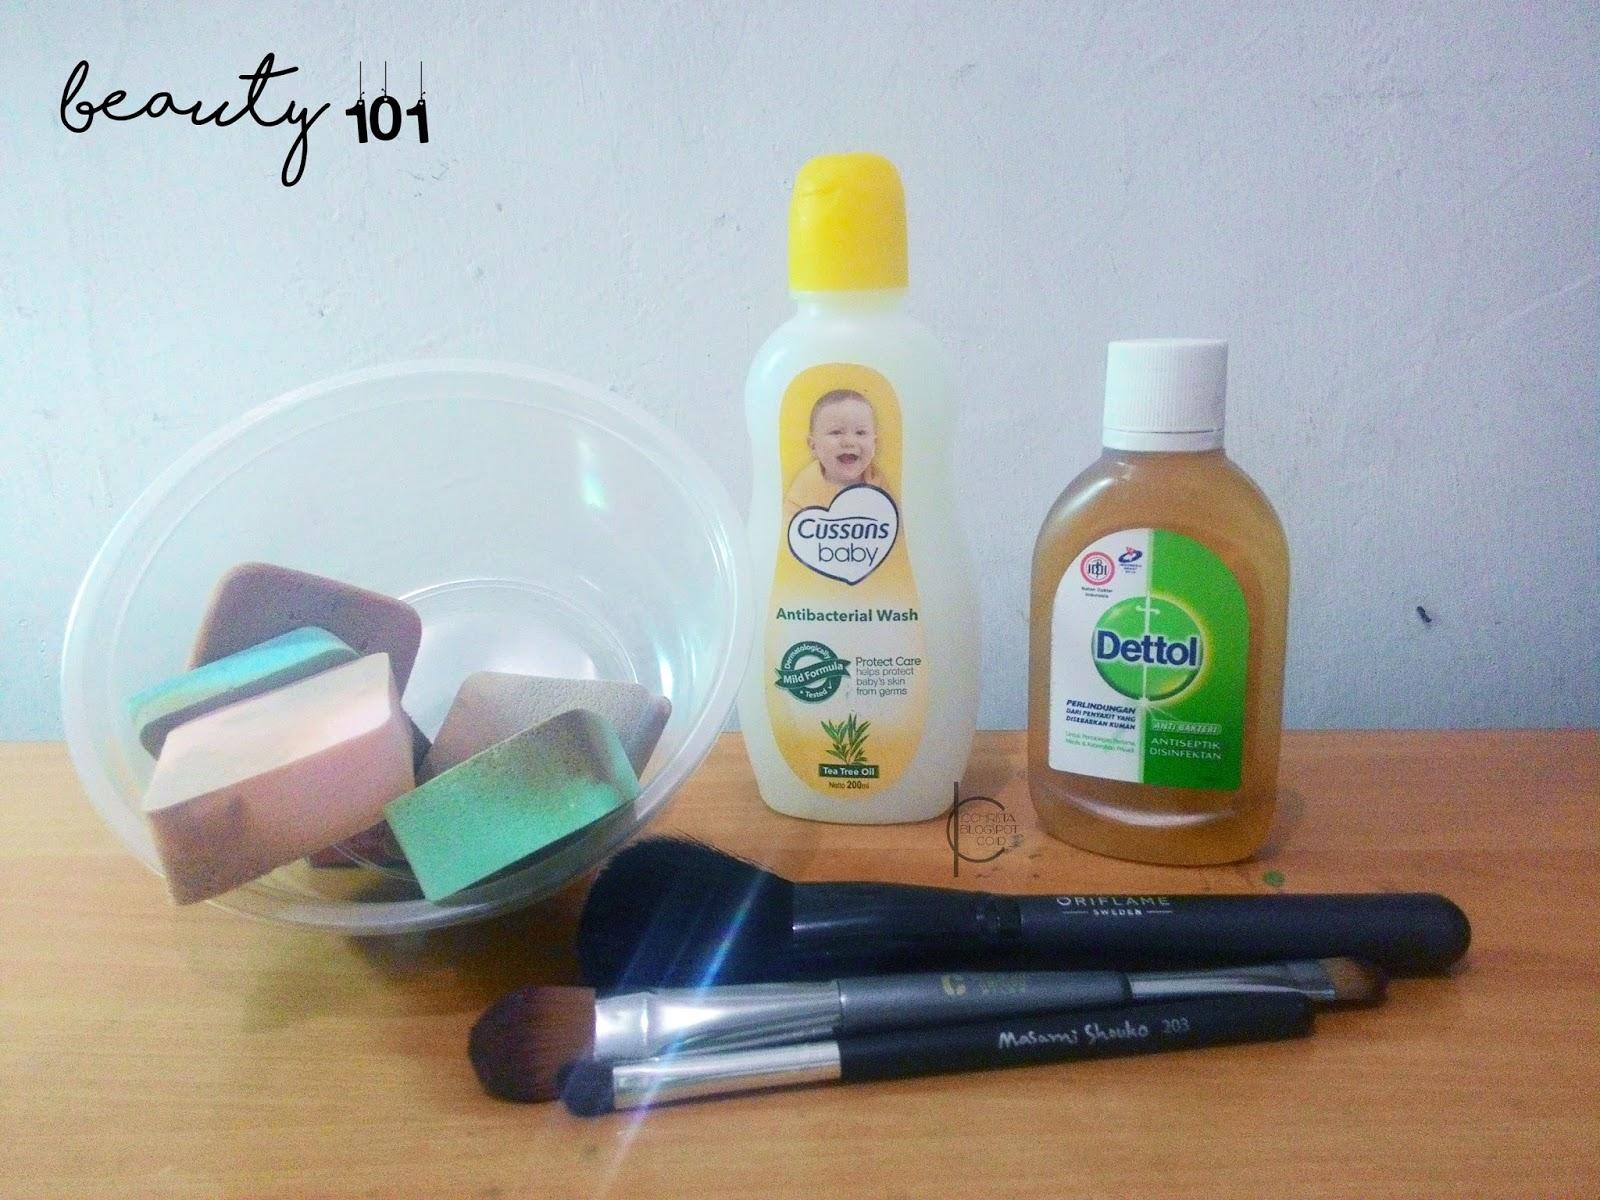 Beauty 101 Membersihkan Spons Dan Kuas Makeup Bagian 1 Christas Lembut Make Up Banyak Gurus Yang Menyarankan Menggunakan Sabun Agar Tidak Merusak Bulu Jadi Saya Prefer Baby